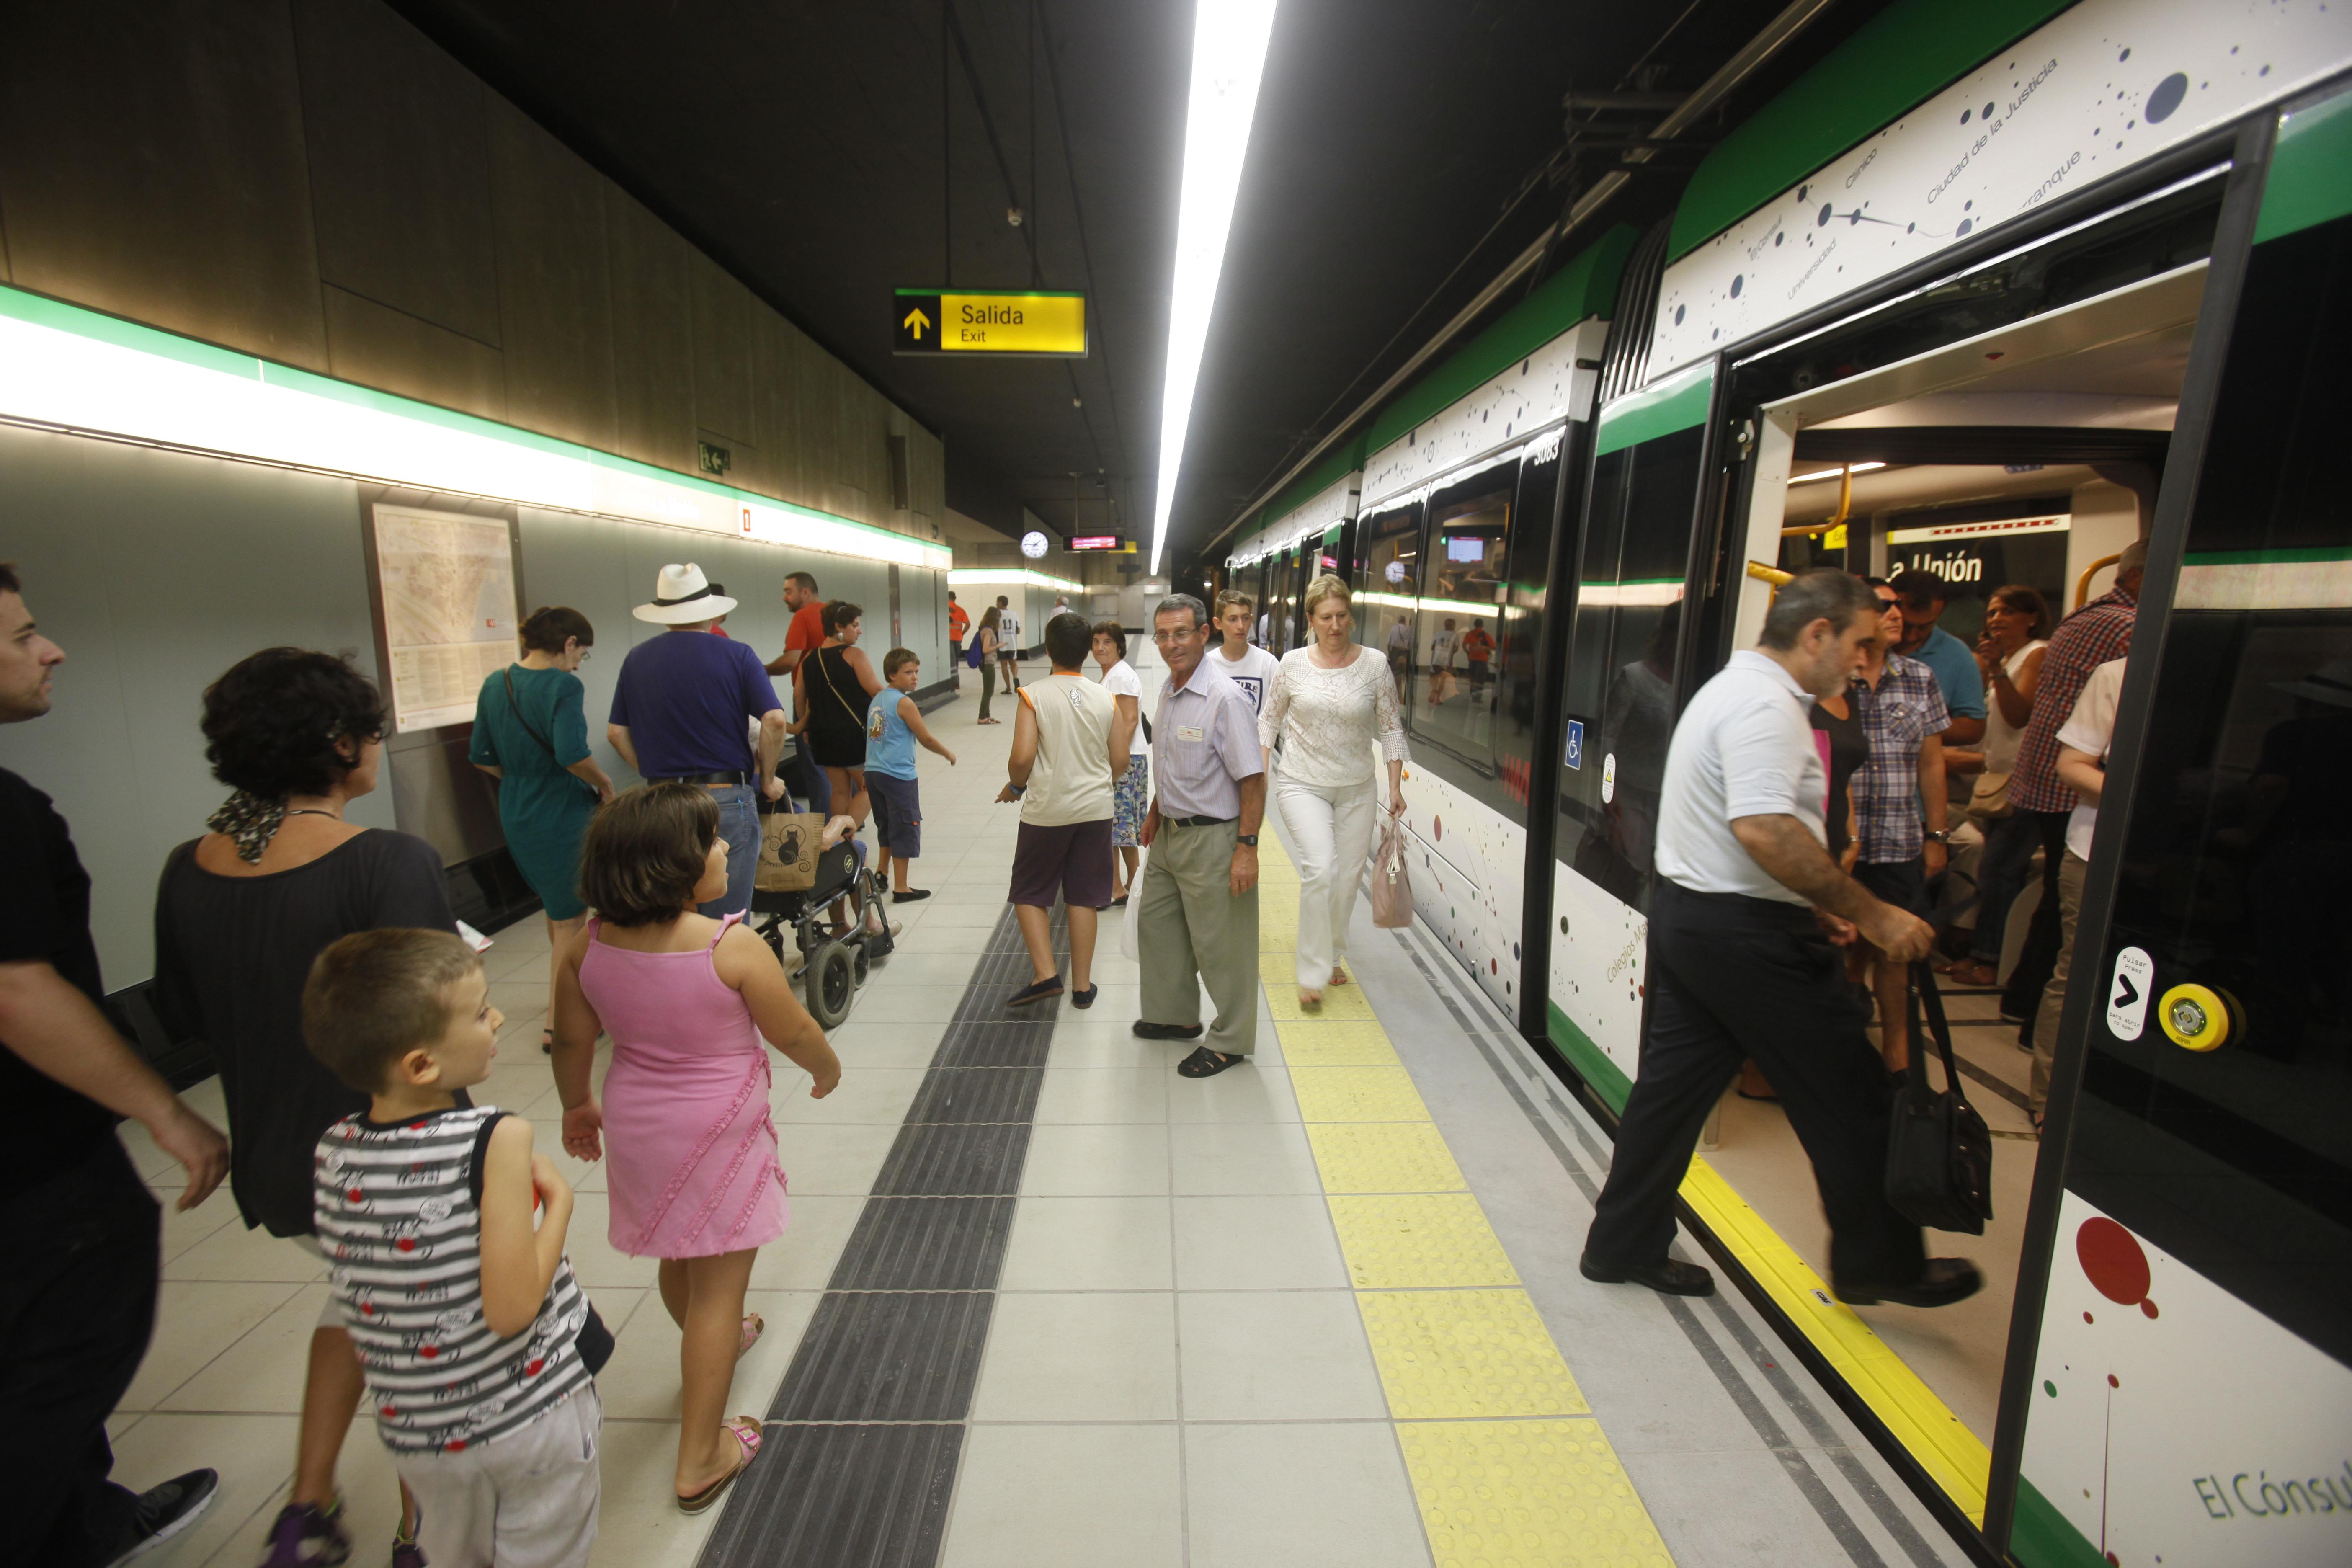 El tramo Guadalmedina - Hospital Civil consiste en la ampliaci�n de la L2 del metro, ya en servicio.